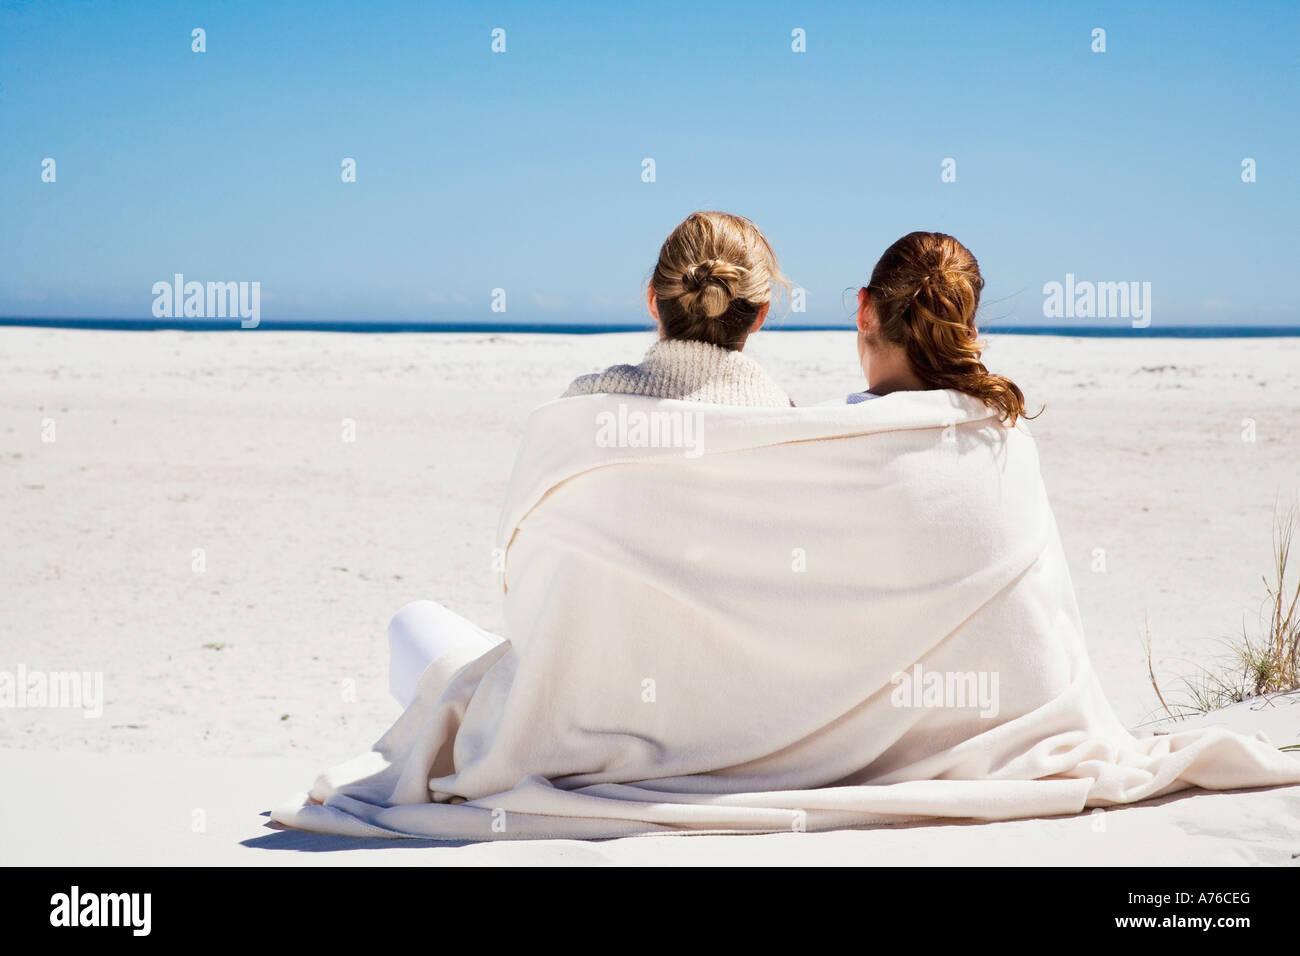 Mutter und Tochter am Strand, Rückansicht Stockbild